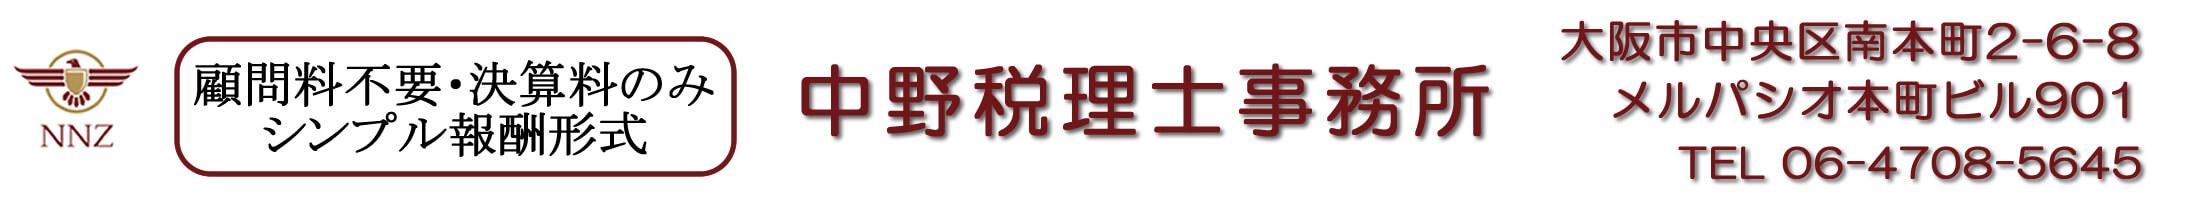 中野税理士事務所